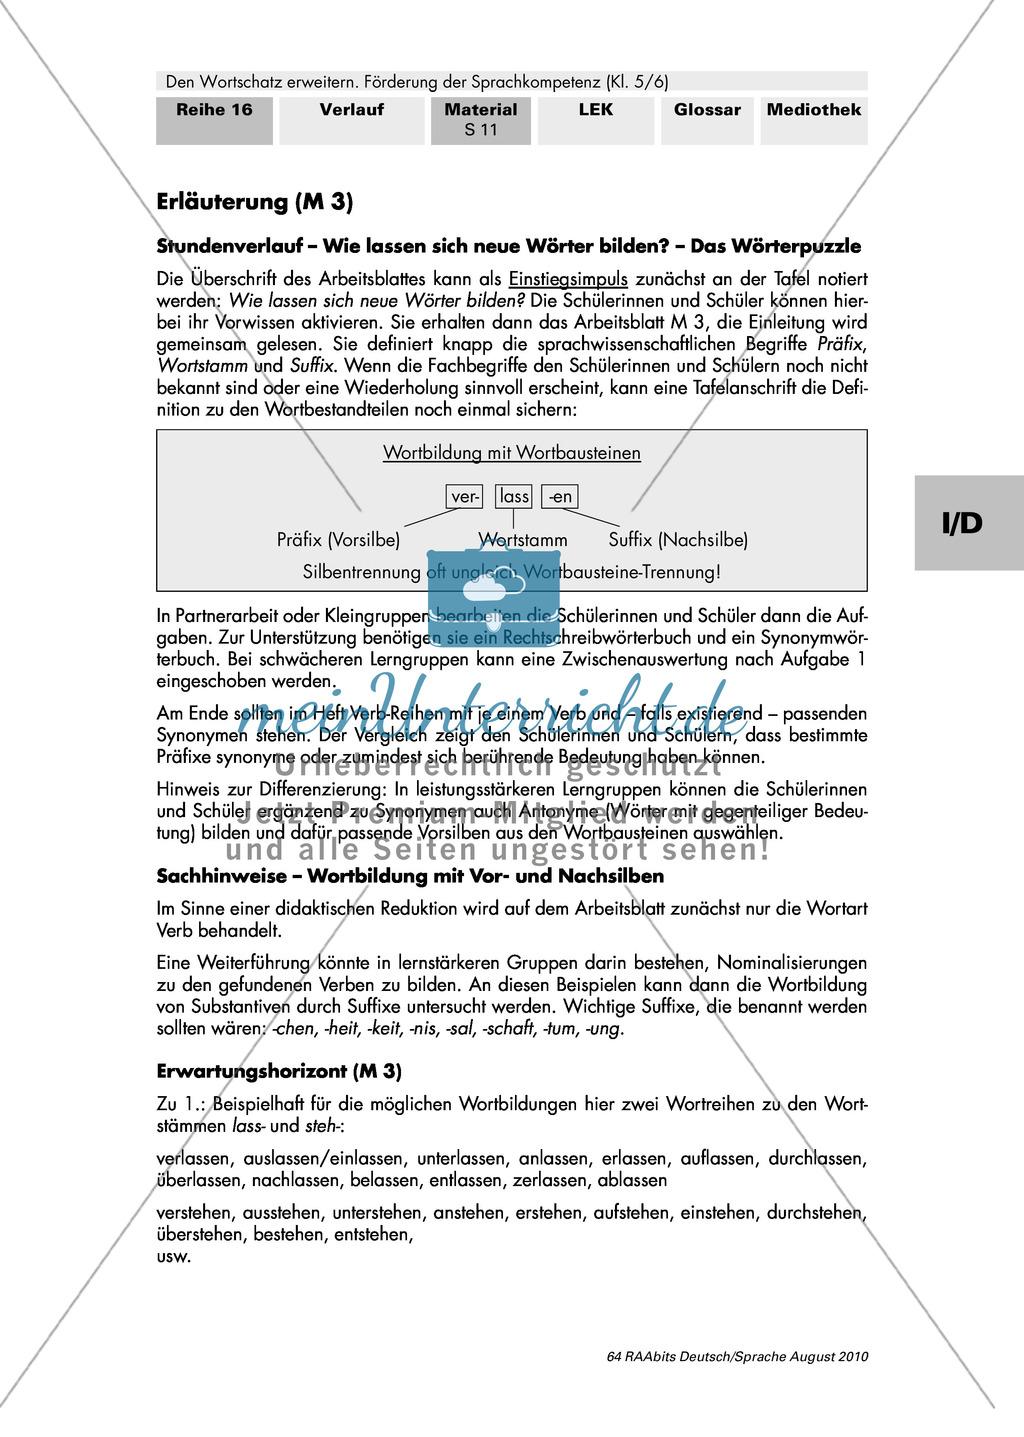 Dorable Arbeitsblatt Präfixe Und Suffixe Illustration ...